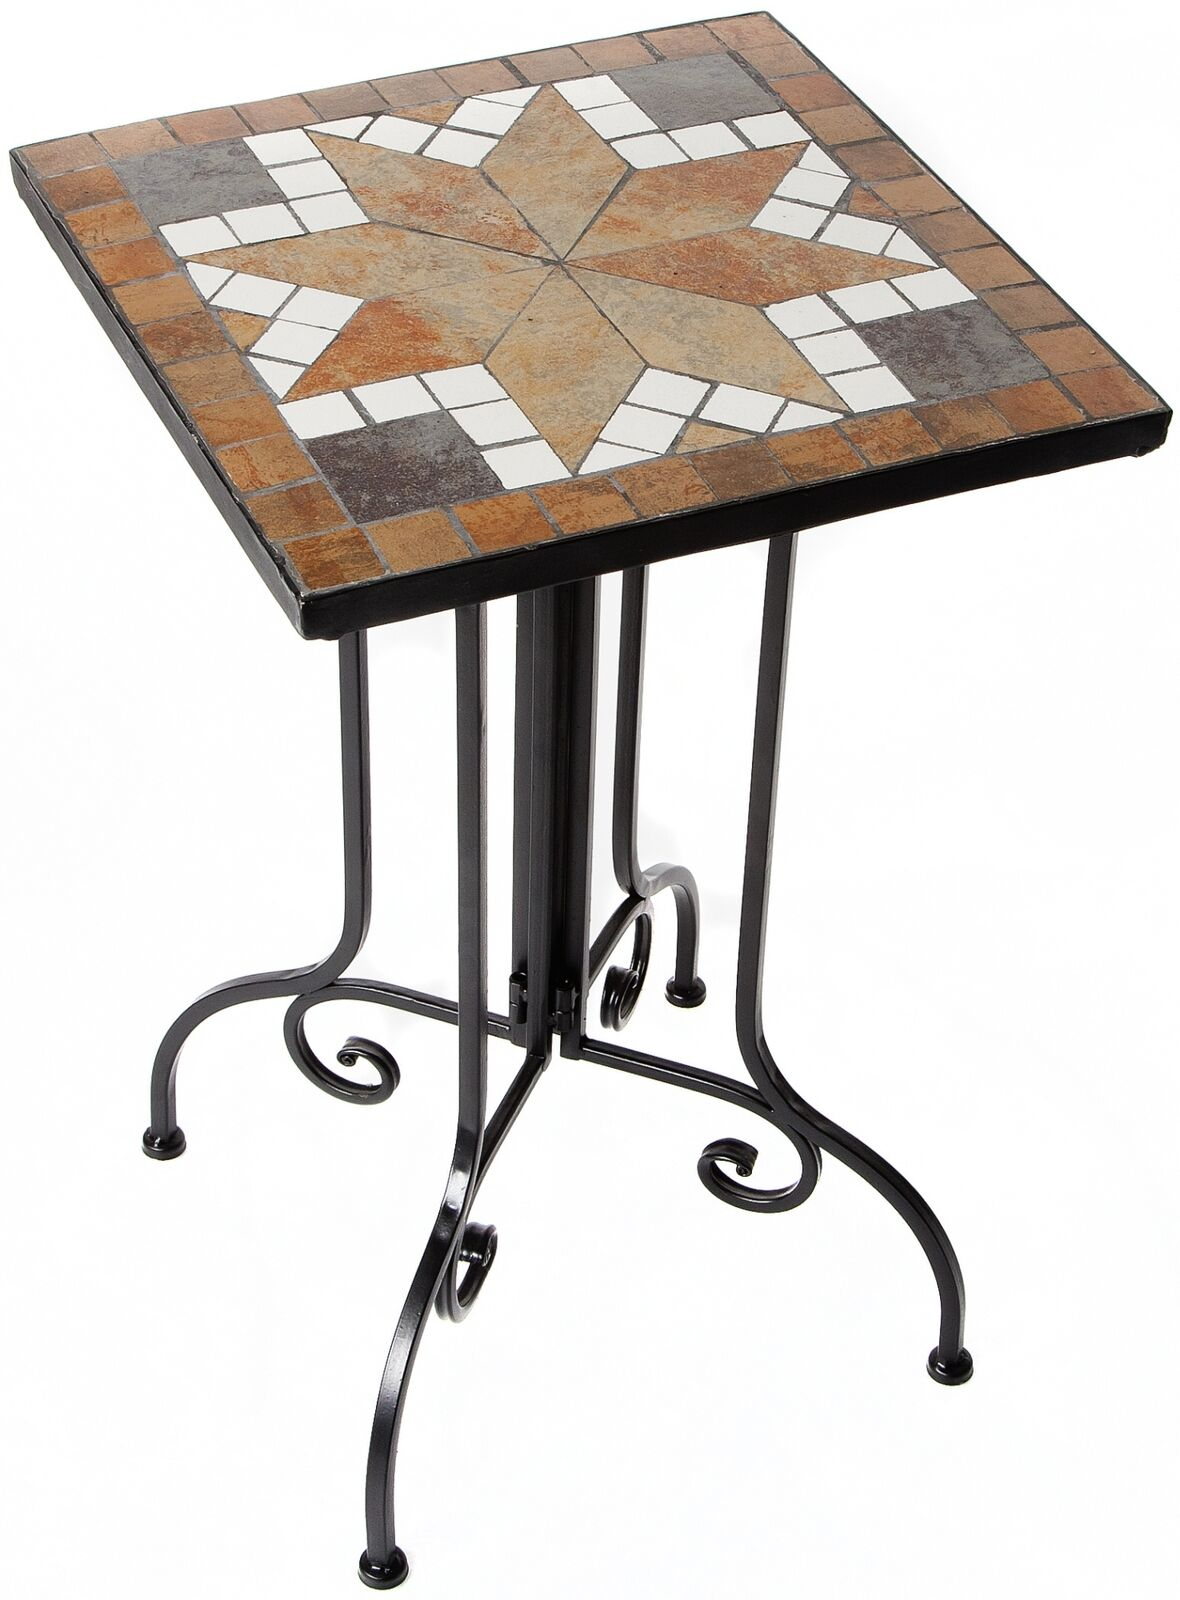 Gartentisch Metalltisch Mit Mosaikplatte Balkontisch